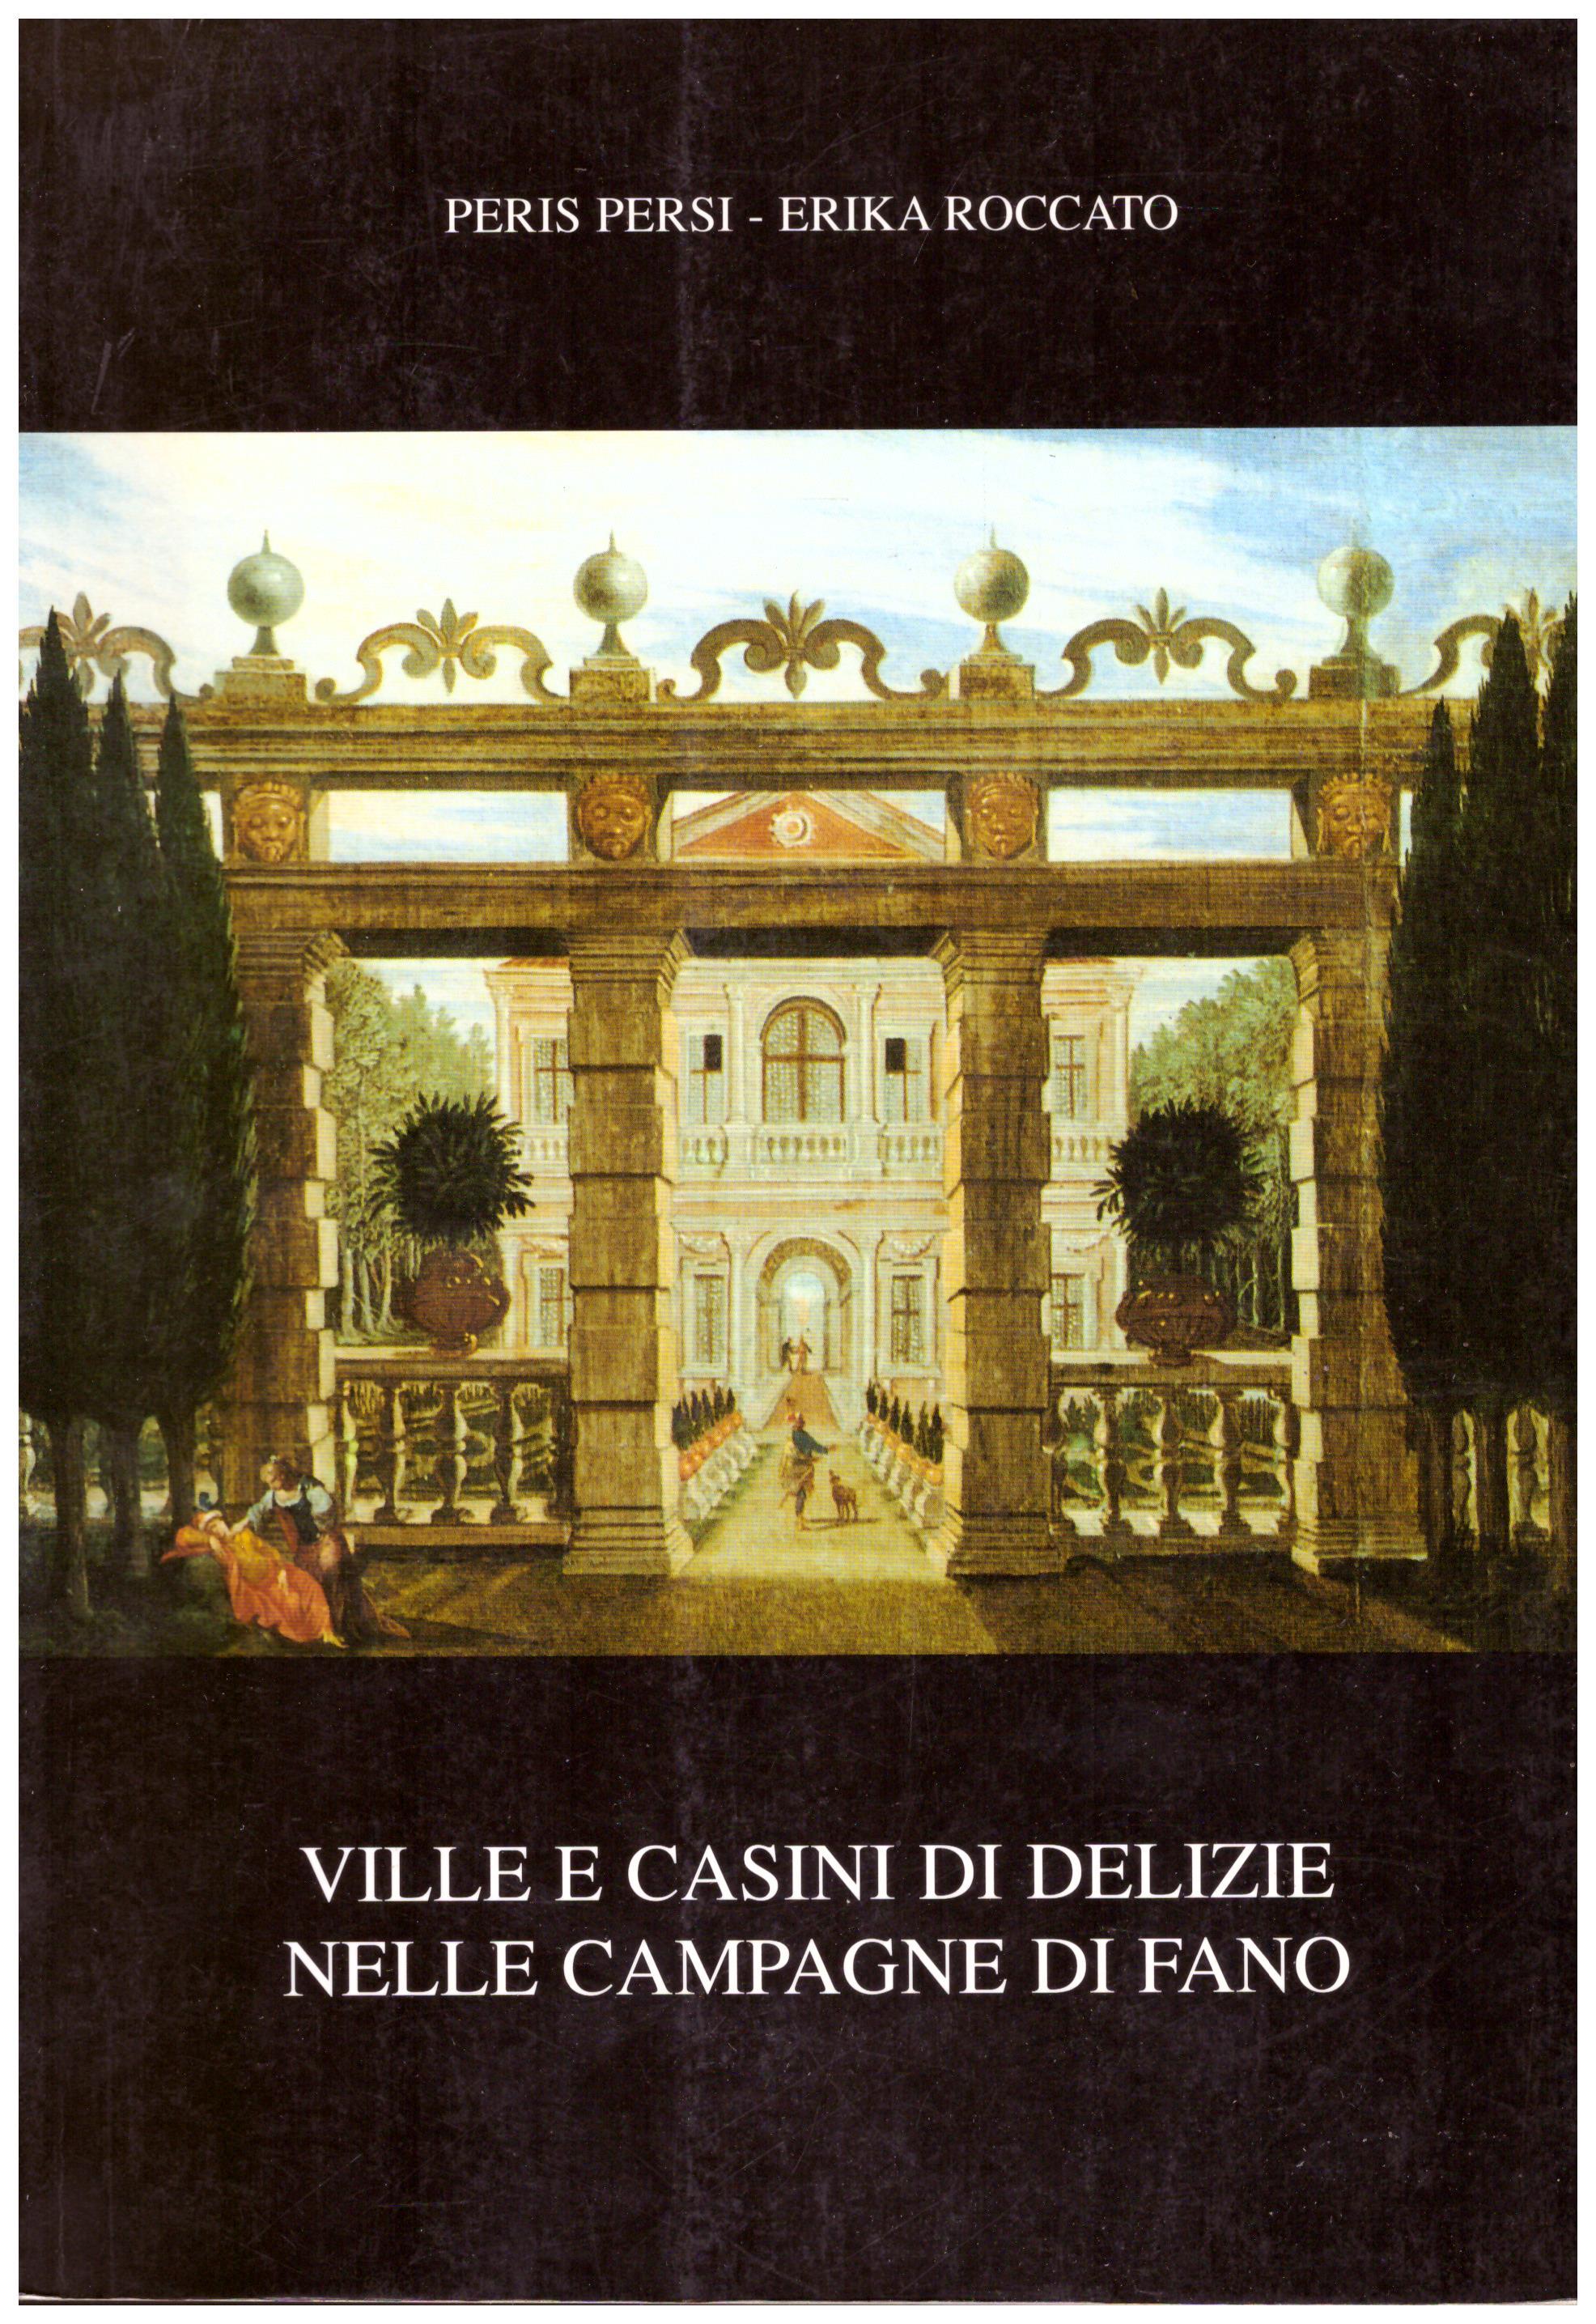 Titolo: Ville e casini di delizie nelle campagne di Fano      Autore: AA.VV.     Editore: grapho 5 litografica